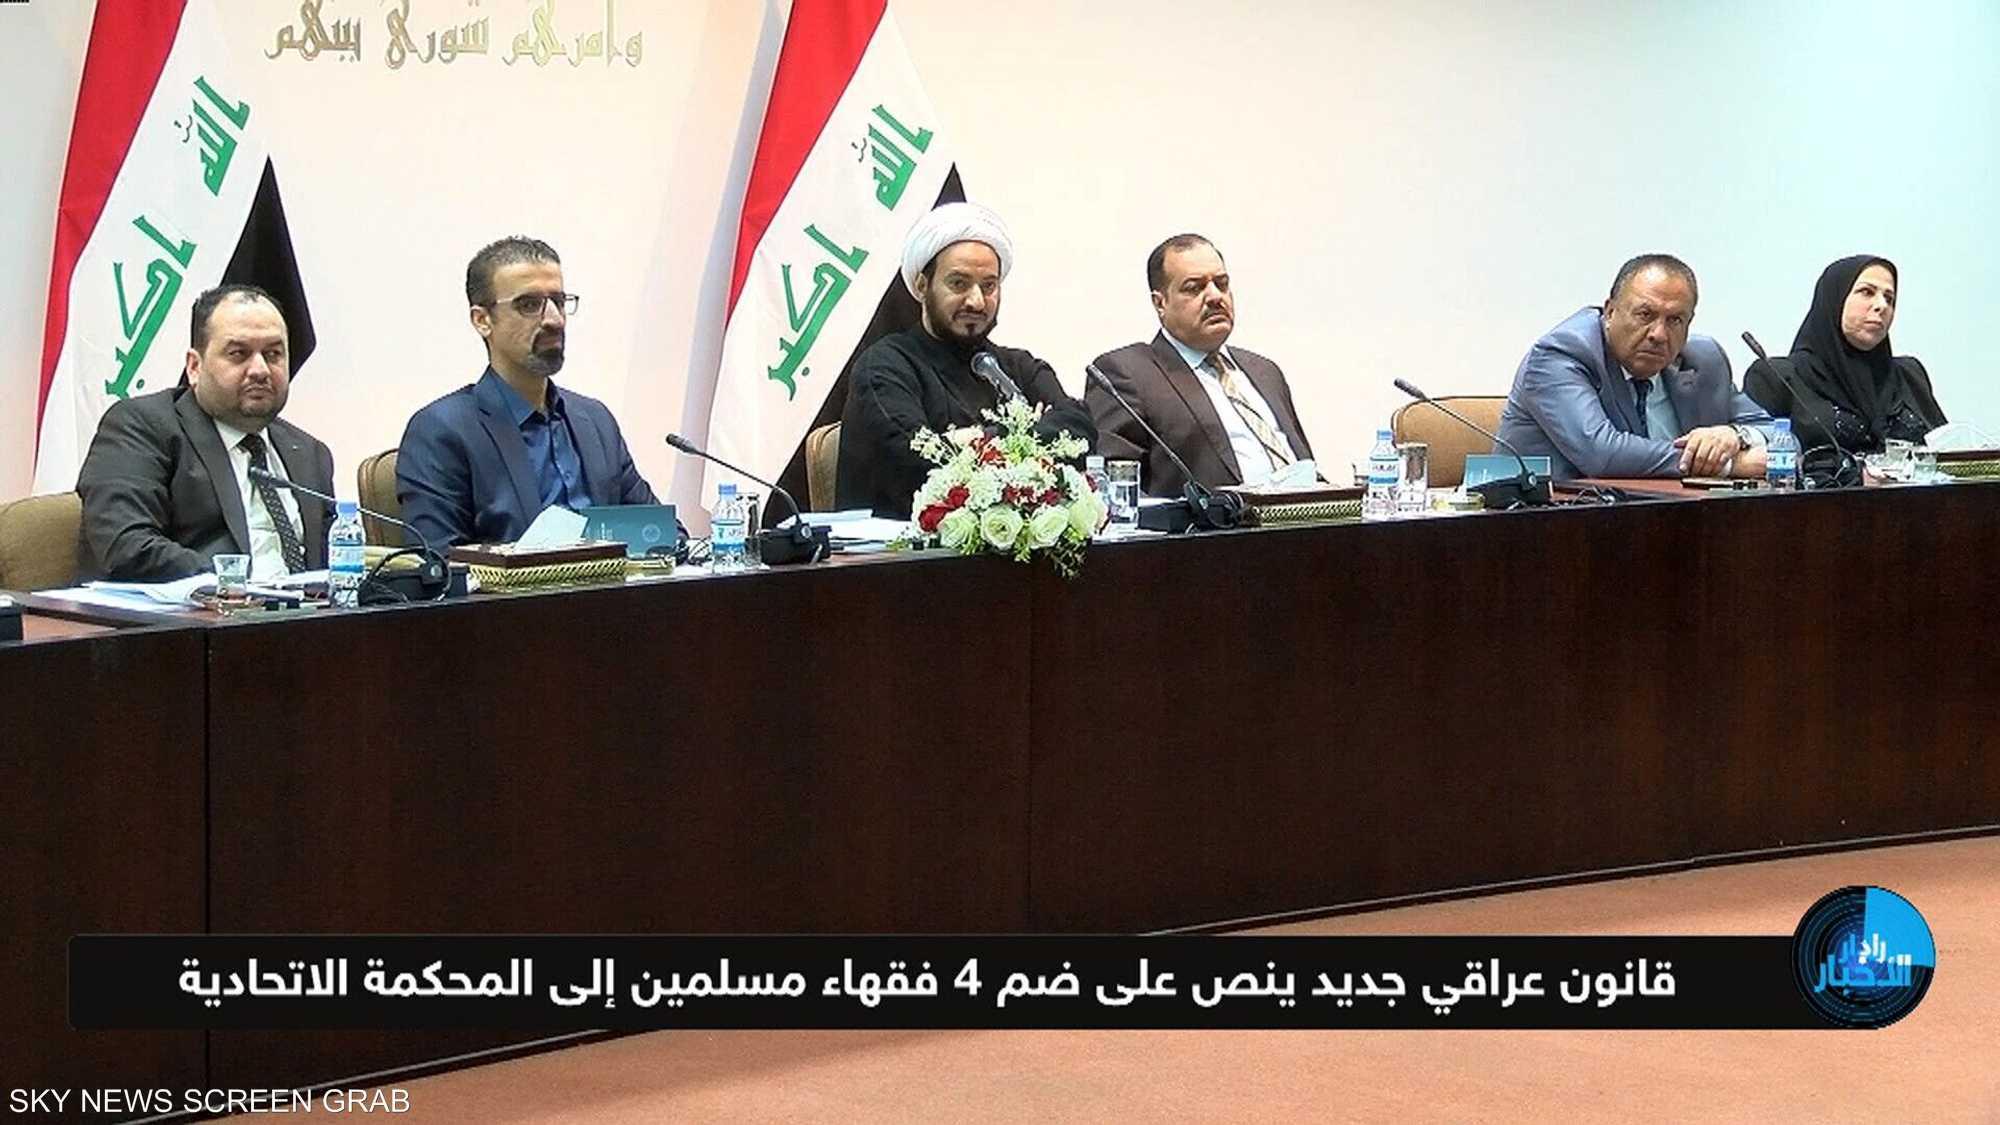 قانون عراقي جديد ينص على ضم 4 فقهاء مسلمين للمحكمة الاتحادية